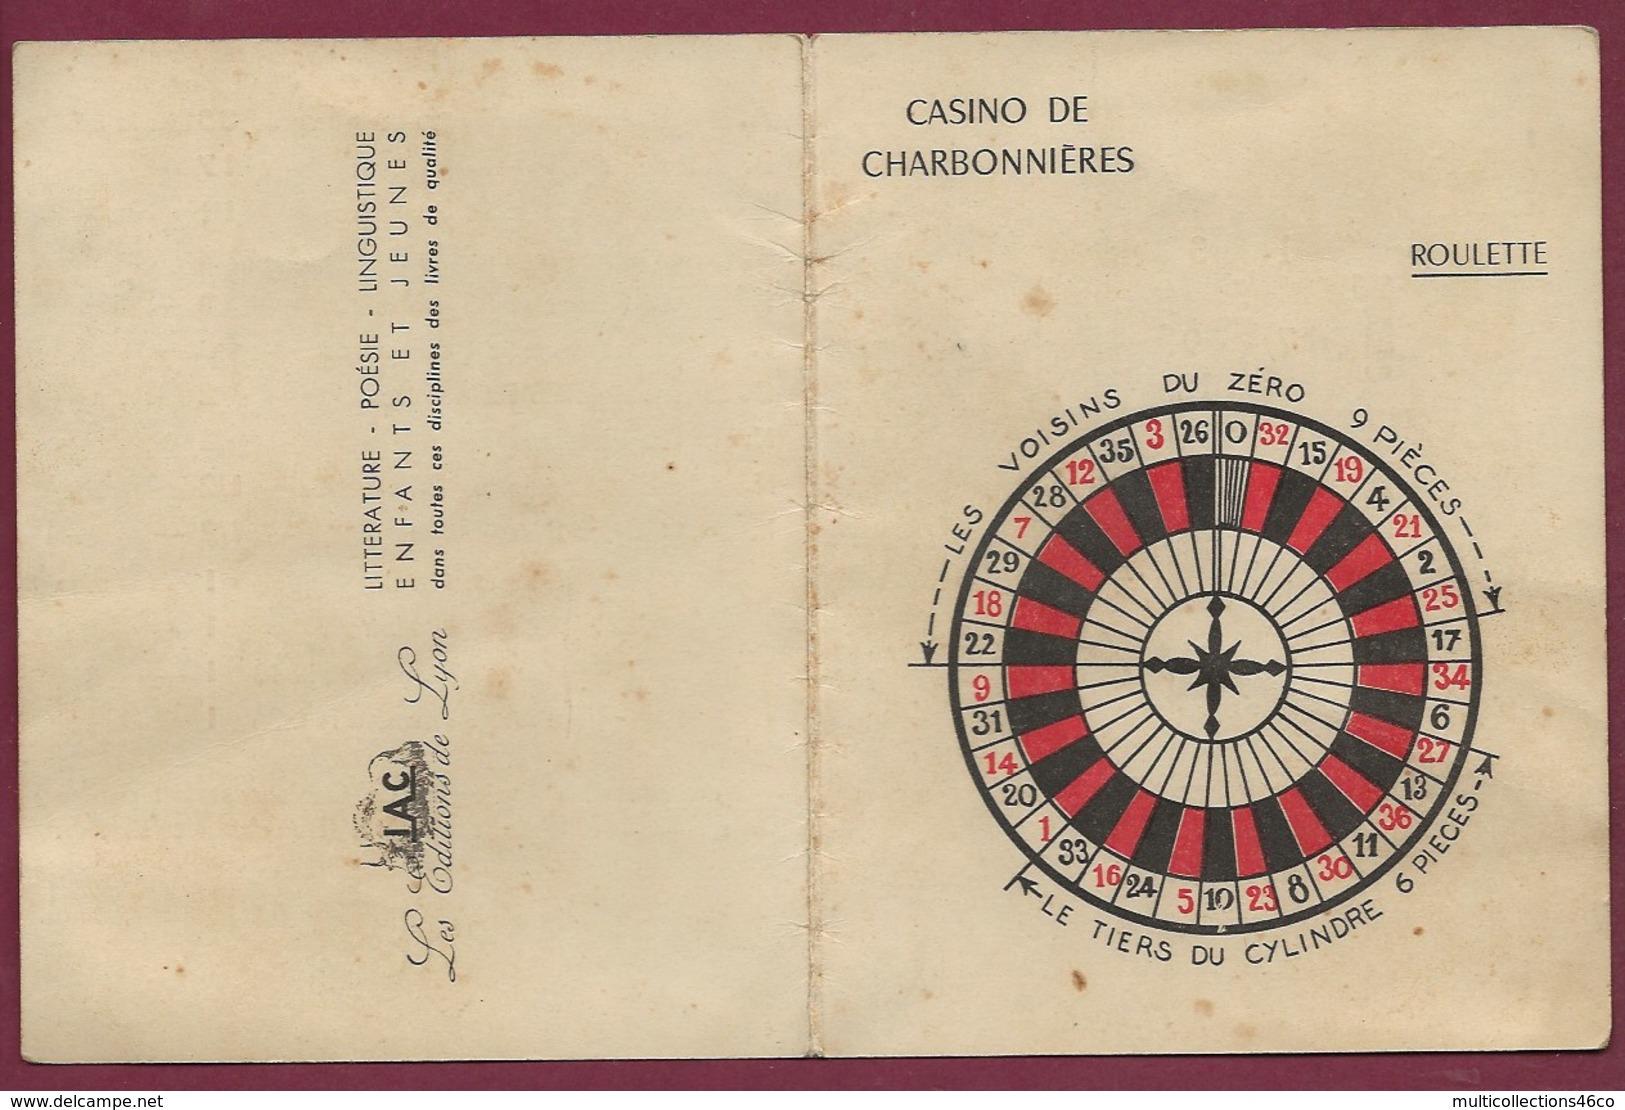 130819A - 69 CHARBONNIERES LES BAINS Carte Double CASINO ROULETTE - Jeu  IAS éditions De Lyon - Charbonniere Les Bains